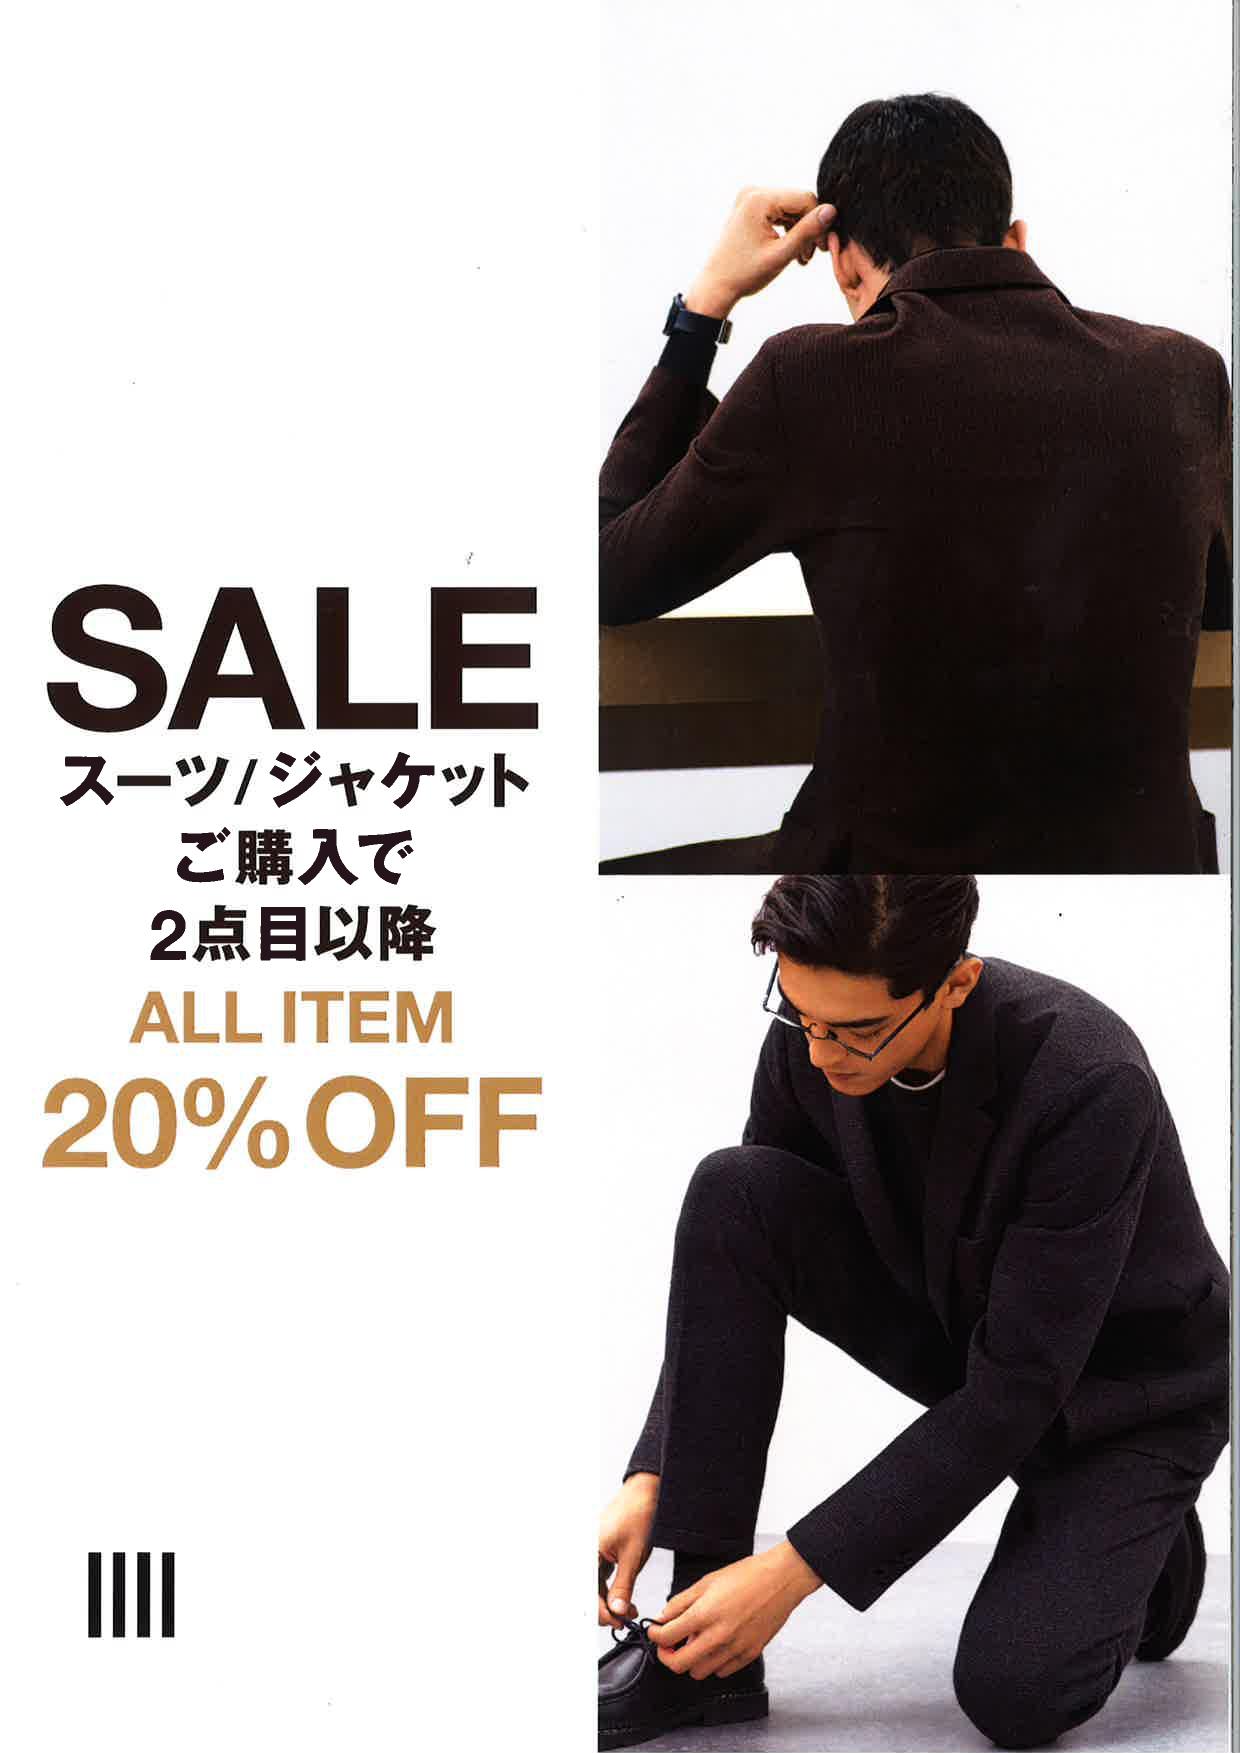 ◆スーツ/ジャケット/フォーマル購入で2点目以降 20%OFF◆